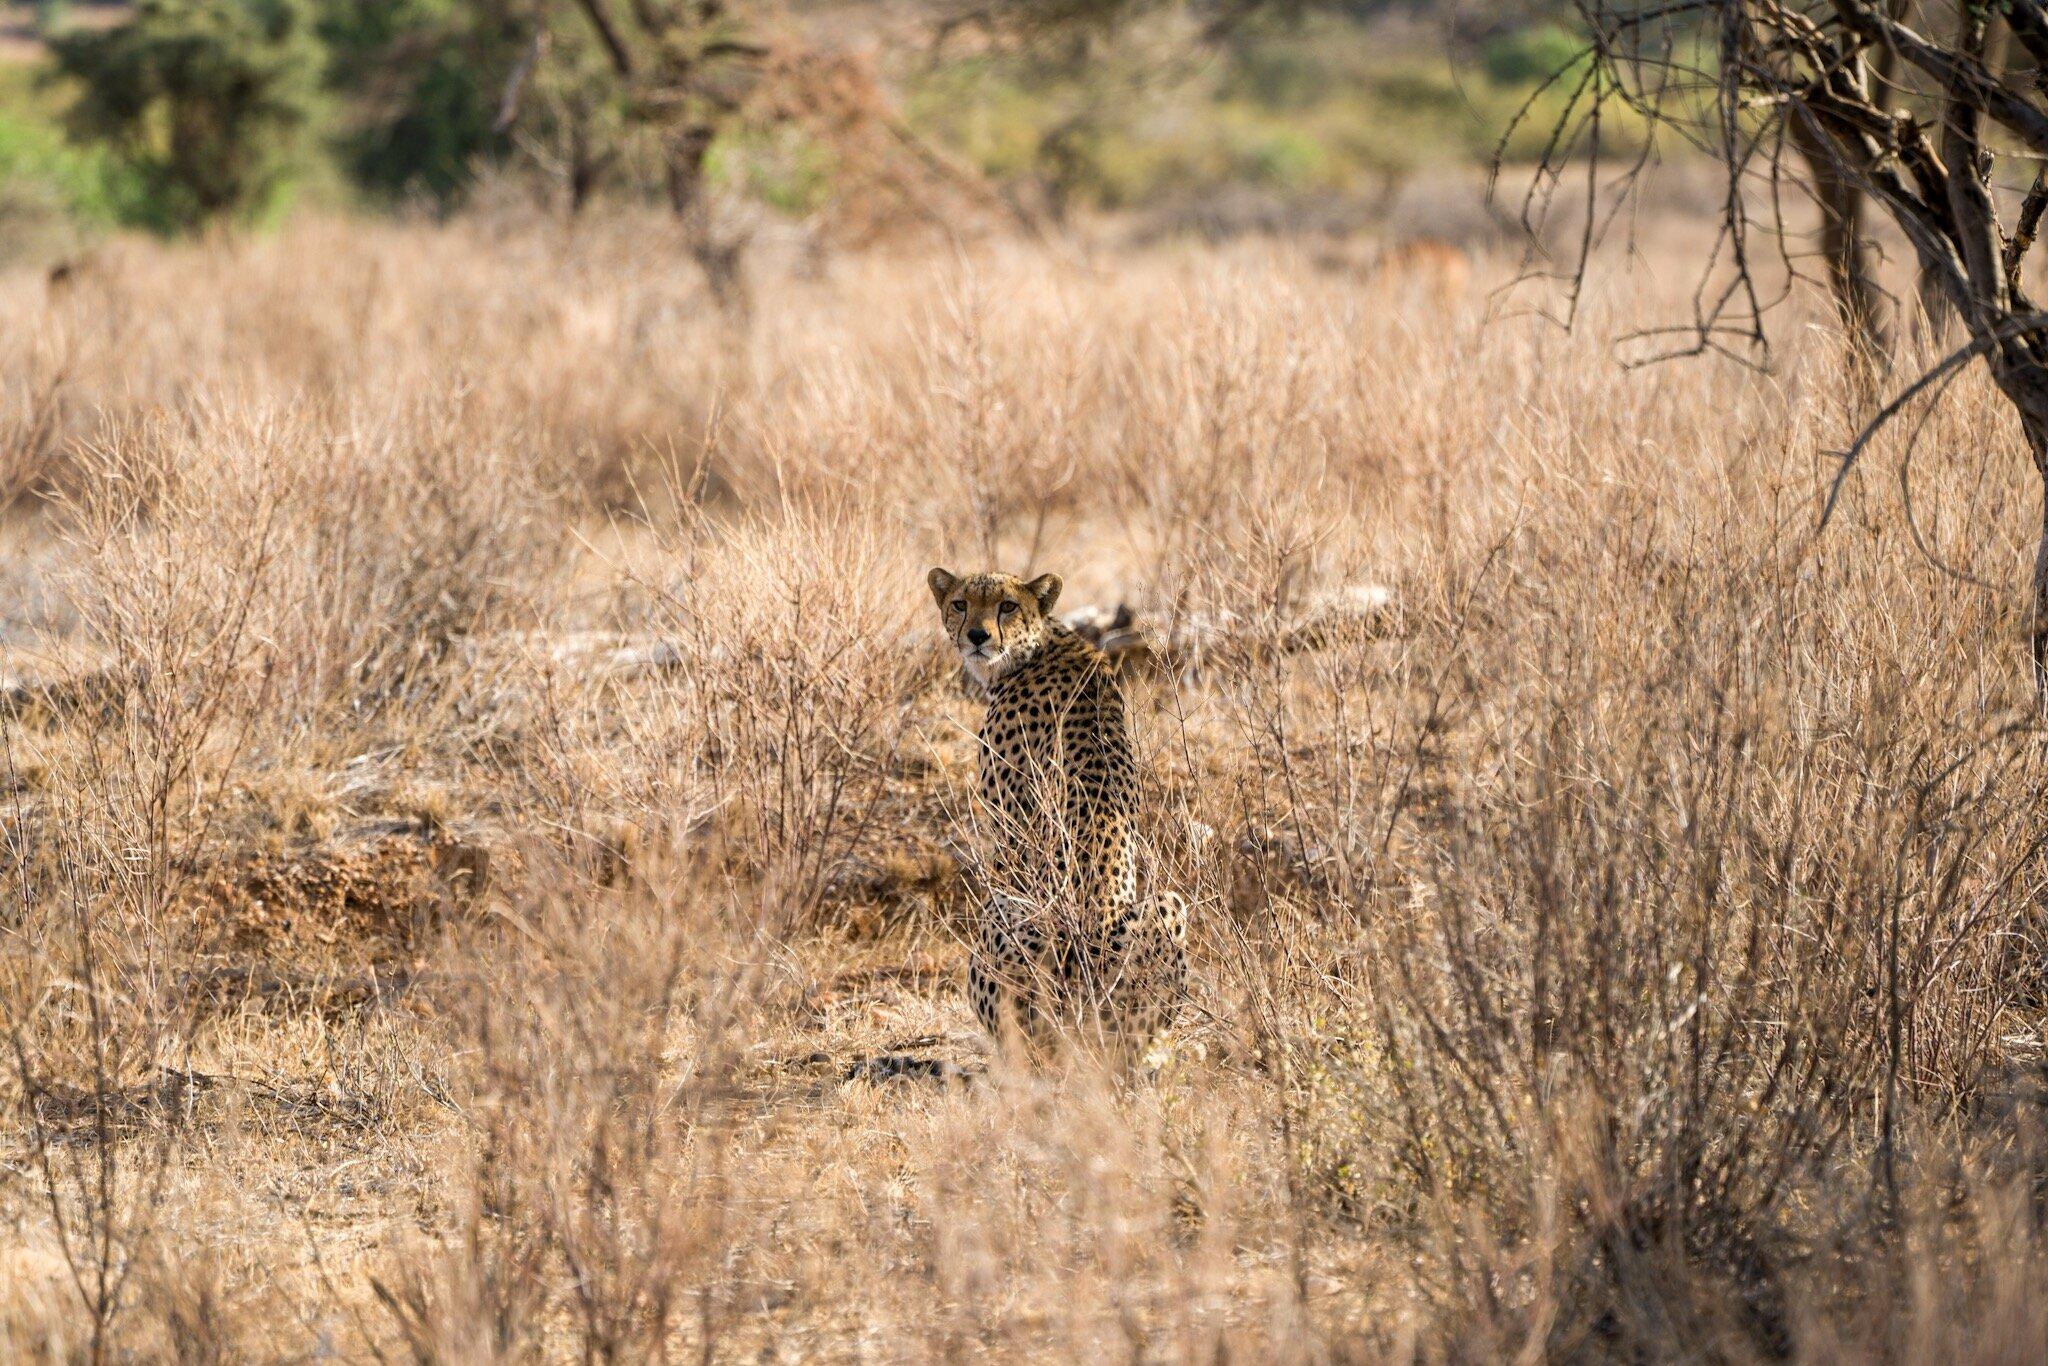 Cheetah stalking antelope